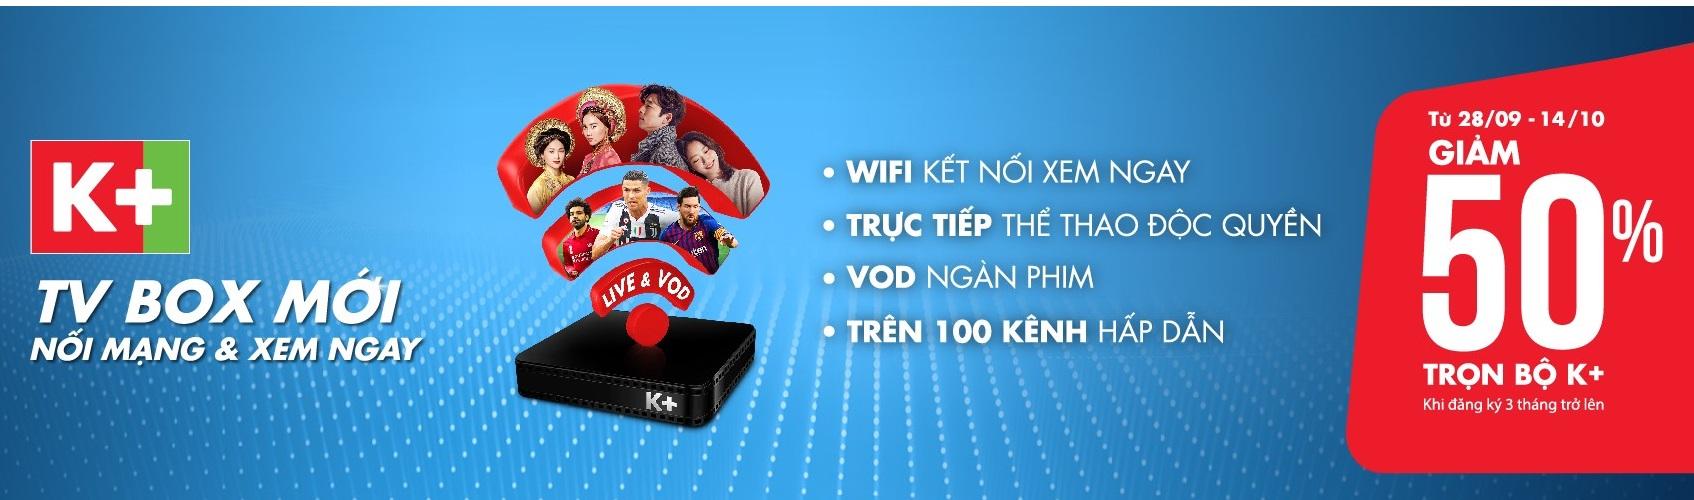 K+ Khuyến mãi K+ TV box